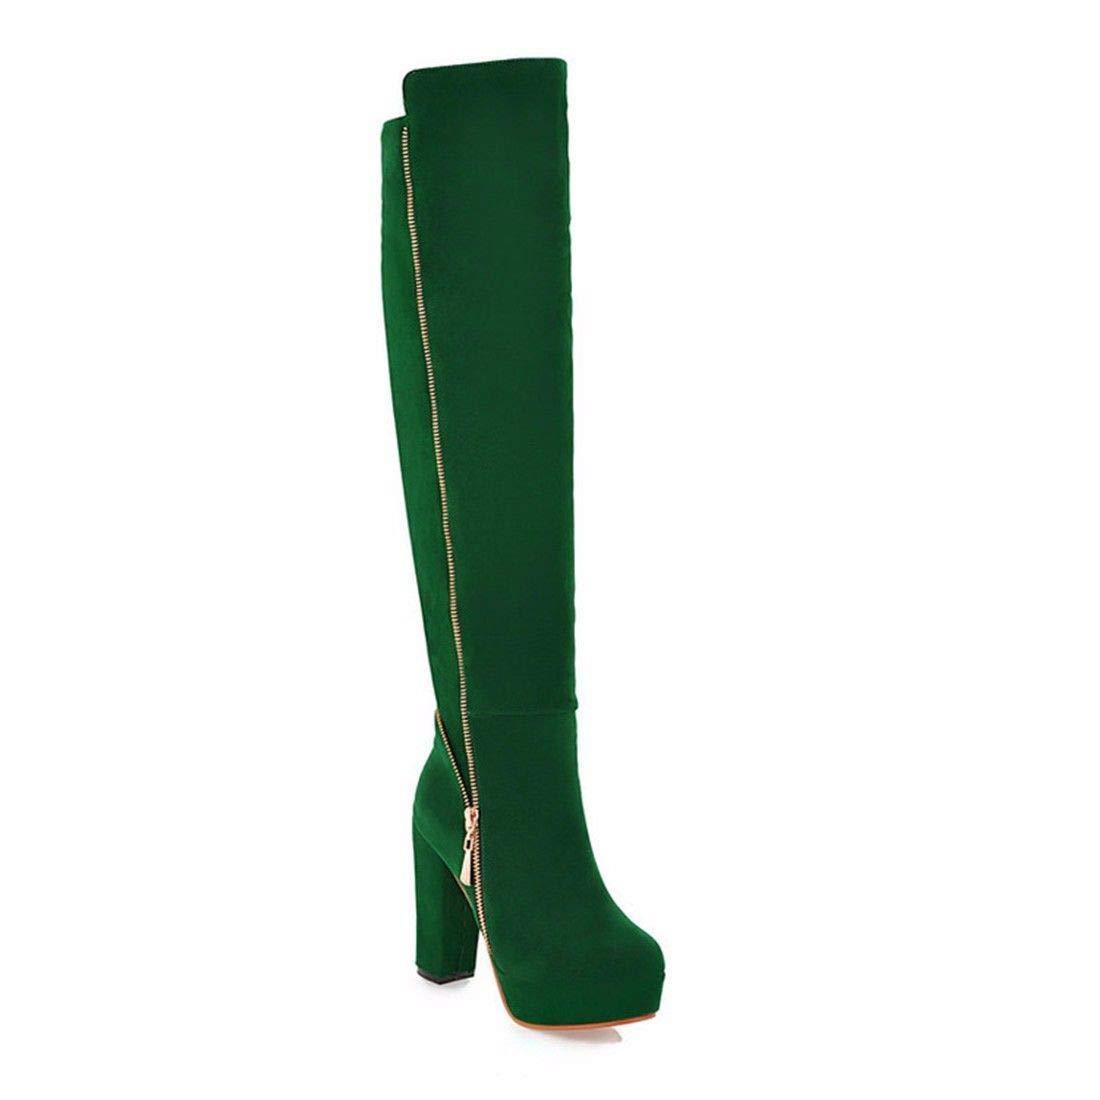 AIKAKA Frauen Herbst und Winter Europa und Amerika Amerika Amerika Sexy warm Over The Knee Stiefel Lange Stiefel High Heel Schuhe Stiefel c82e48